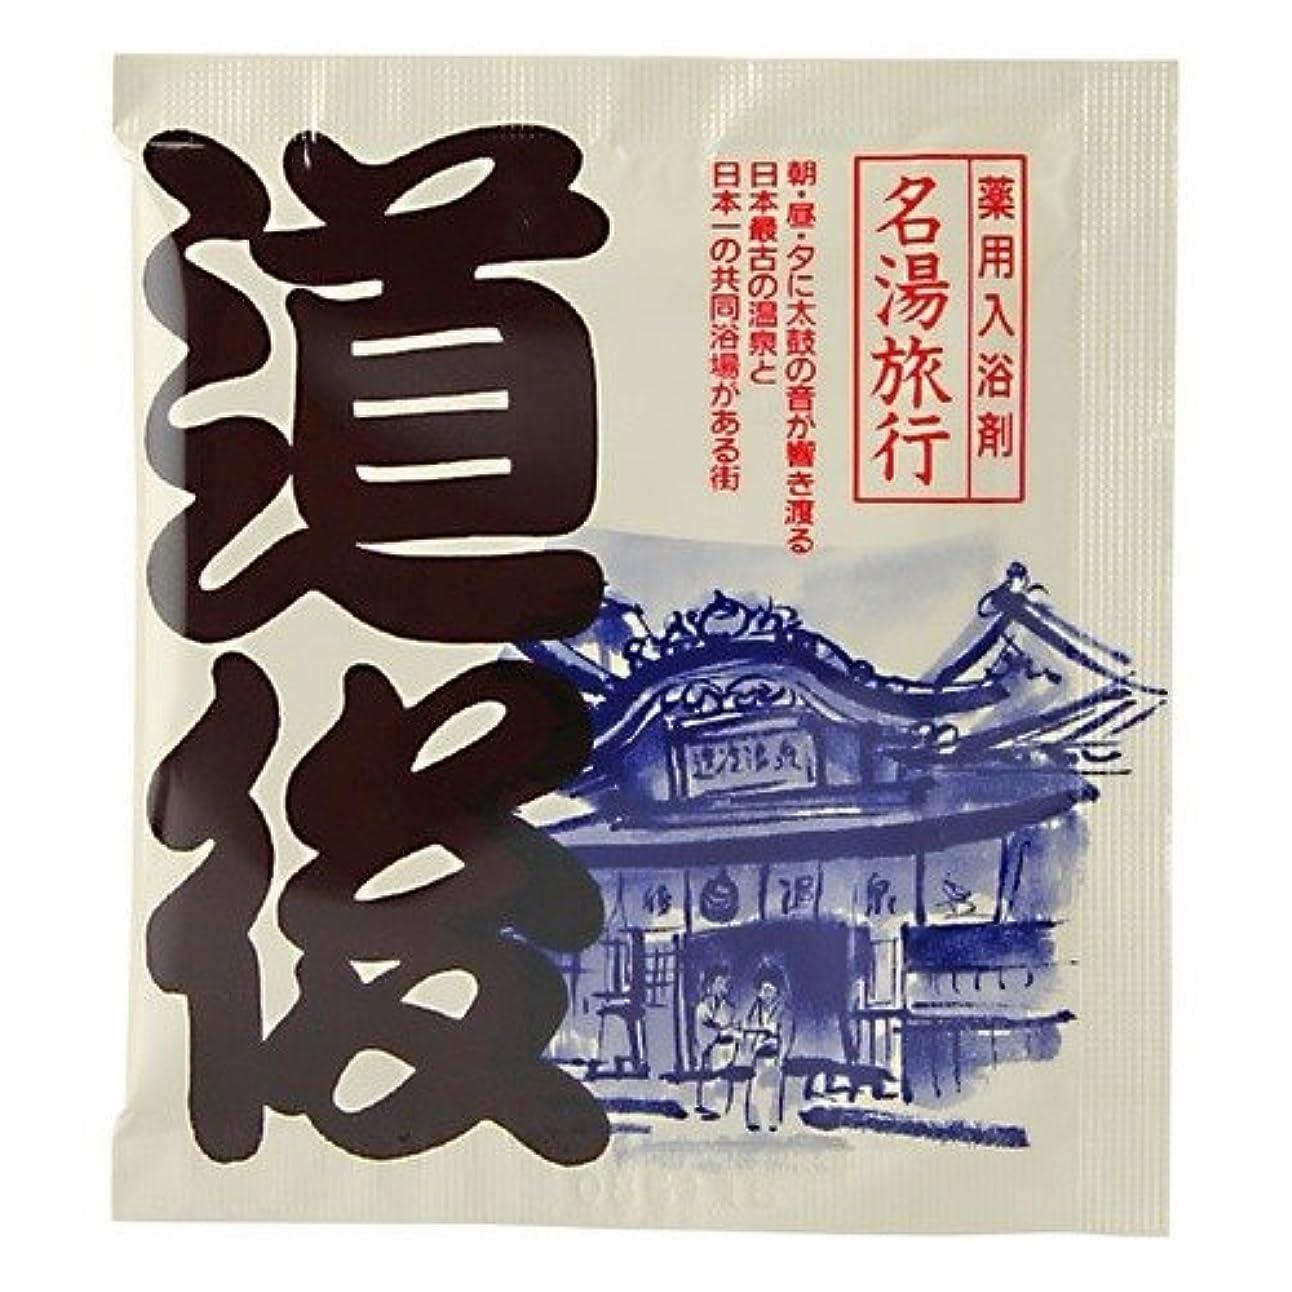 とげ干ばつ試用五洲薬品 名湯旅行 道後 25g 4987332126775